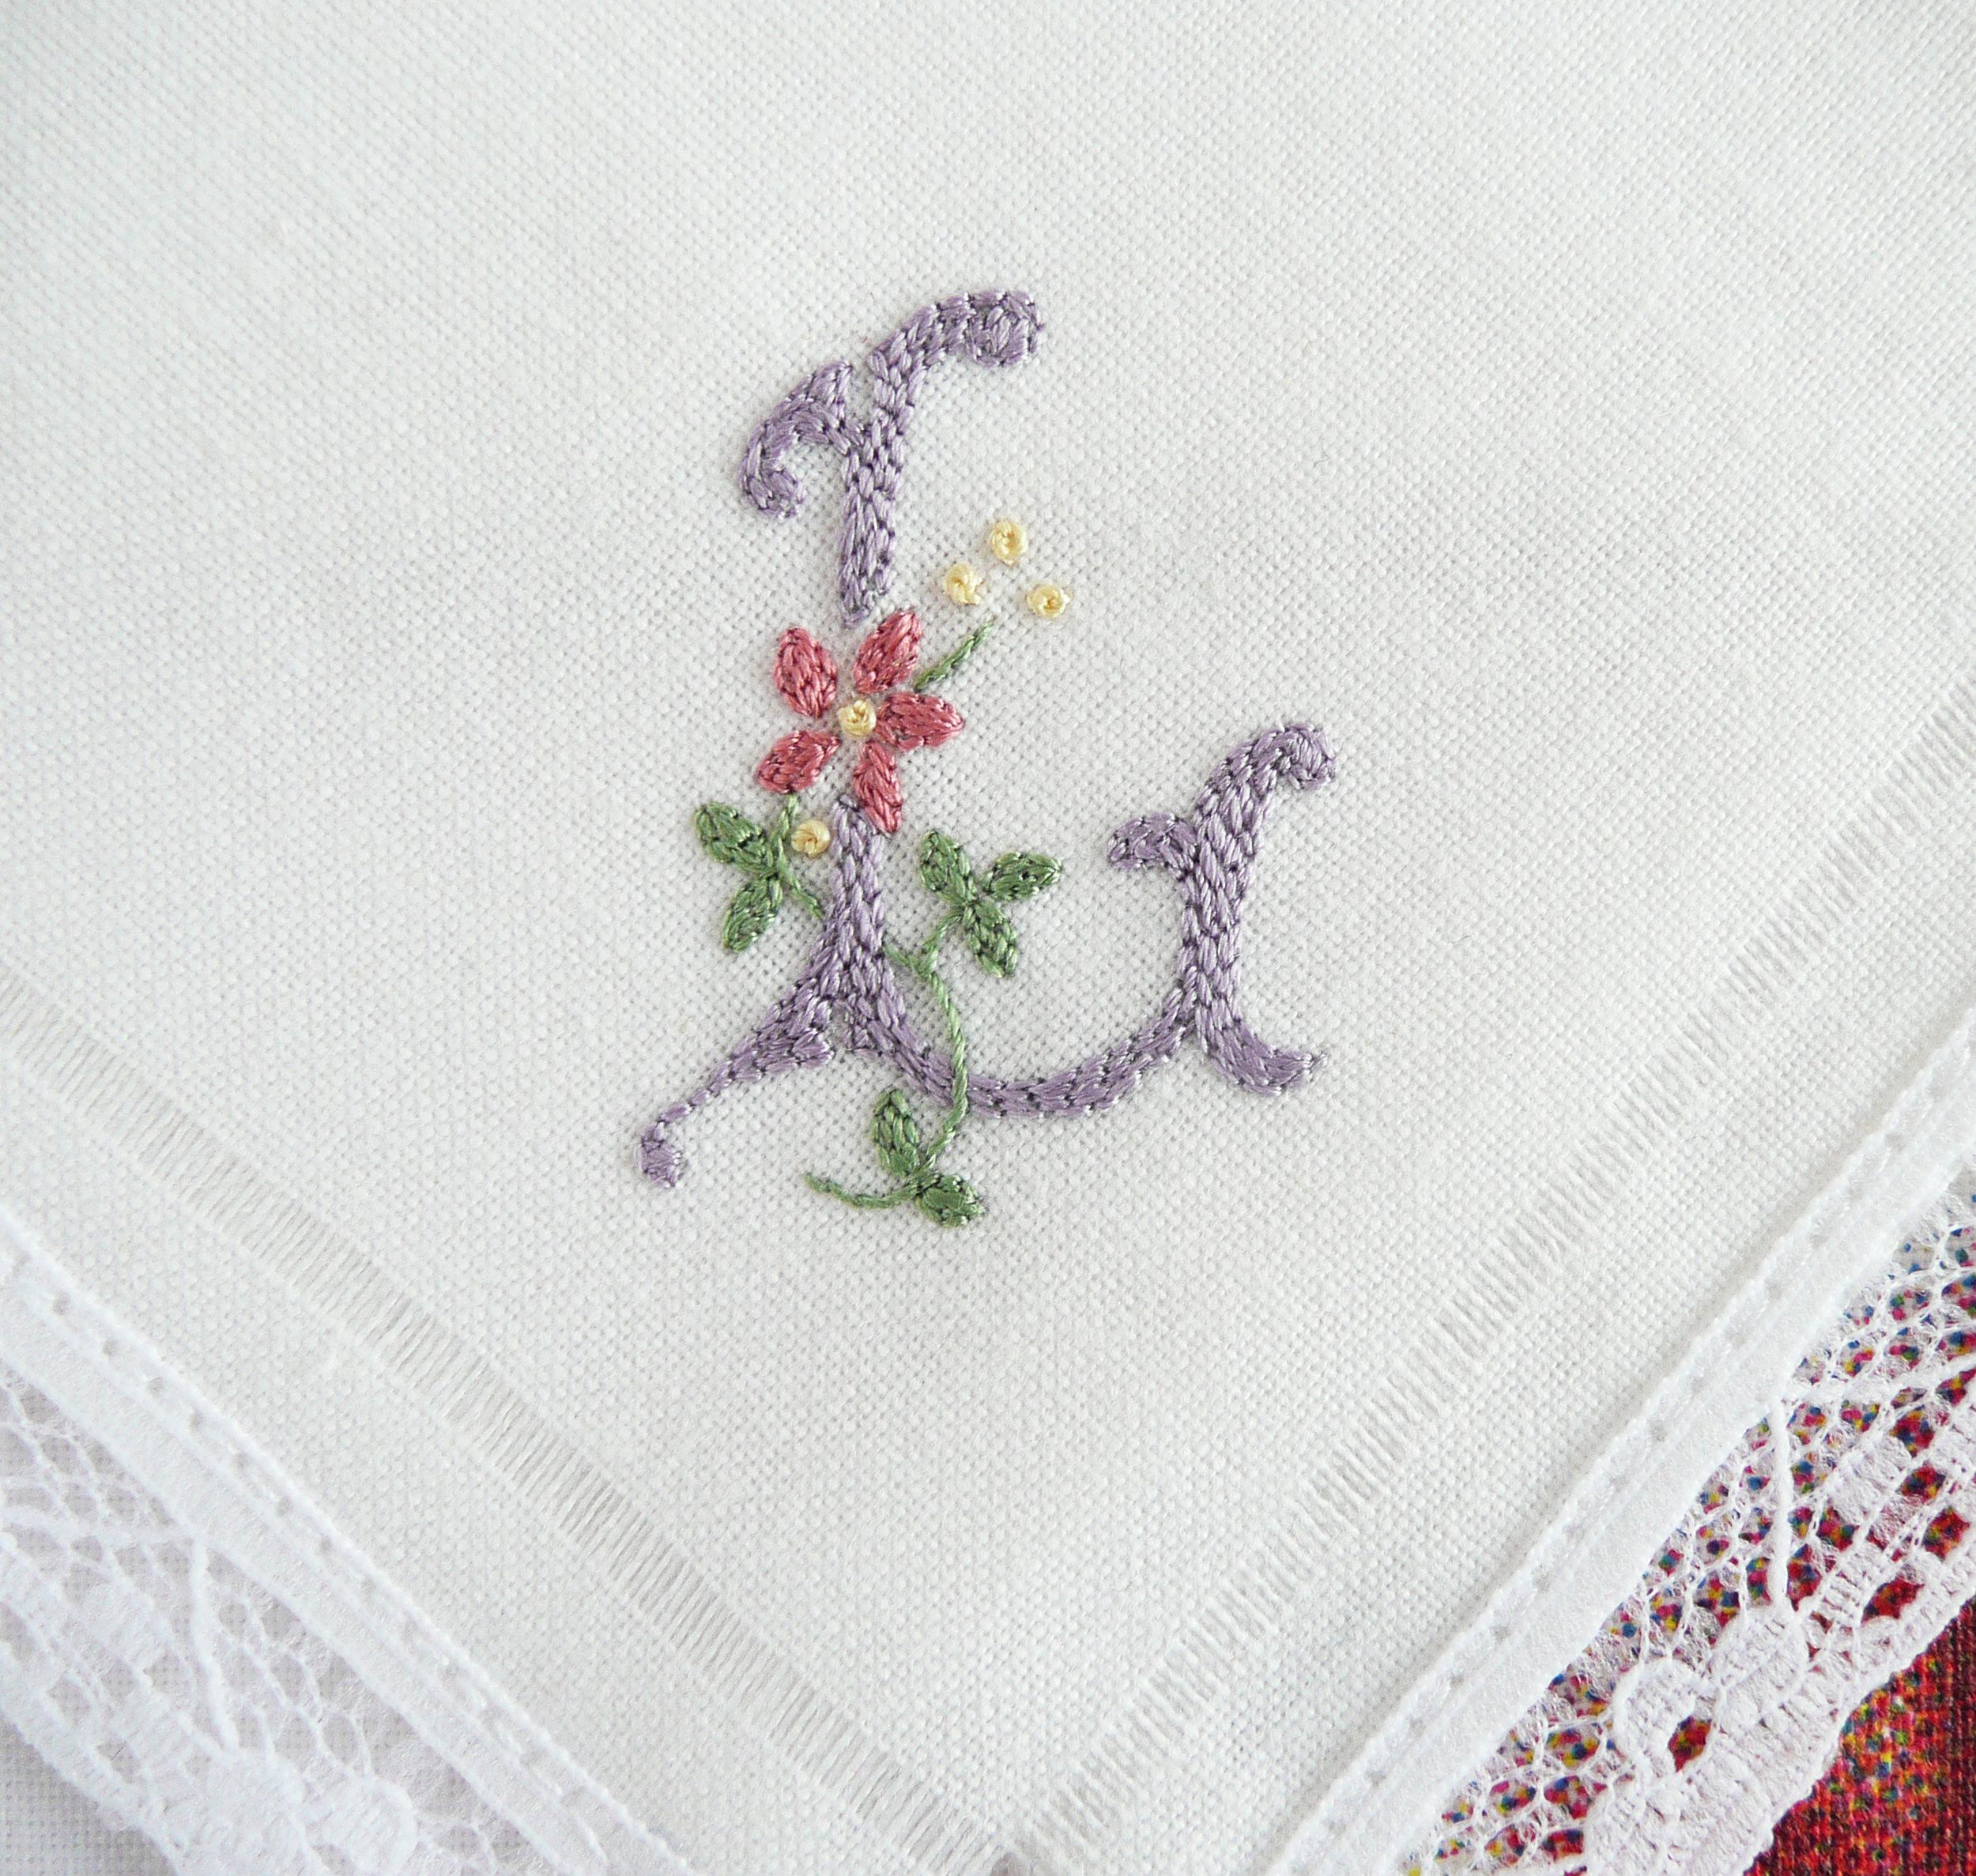 The monograms across the 10 handkerchiefs read D-I-E-T-S F-A-I-L